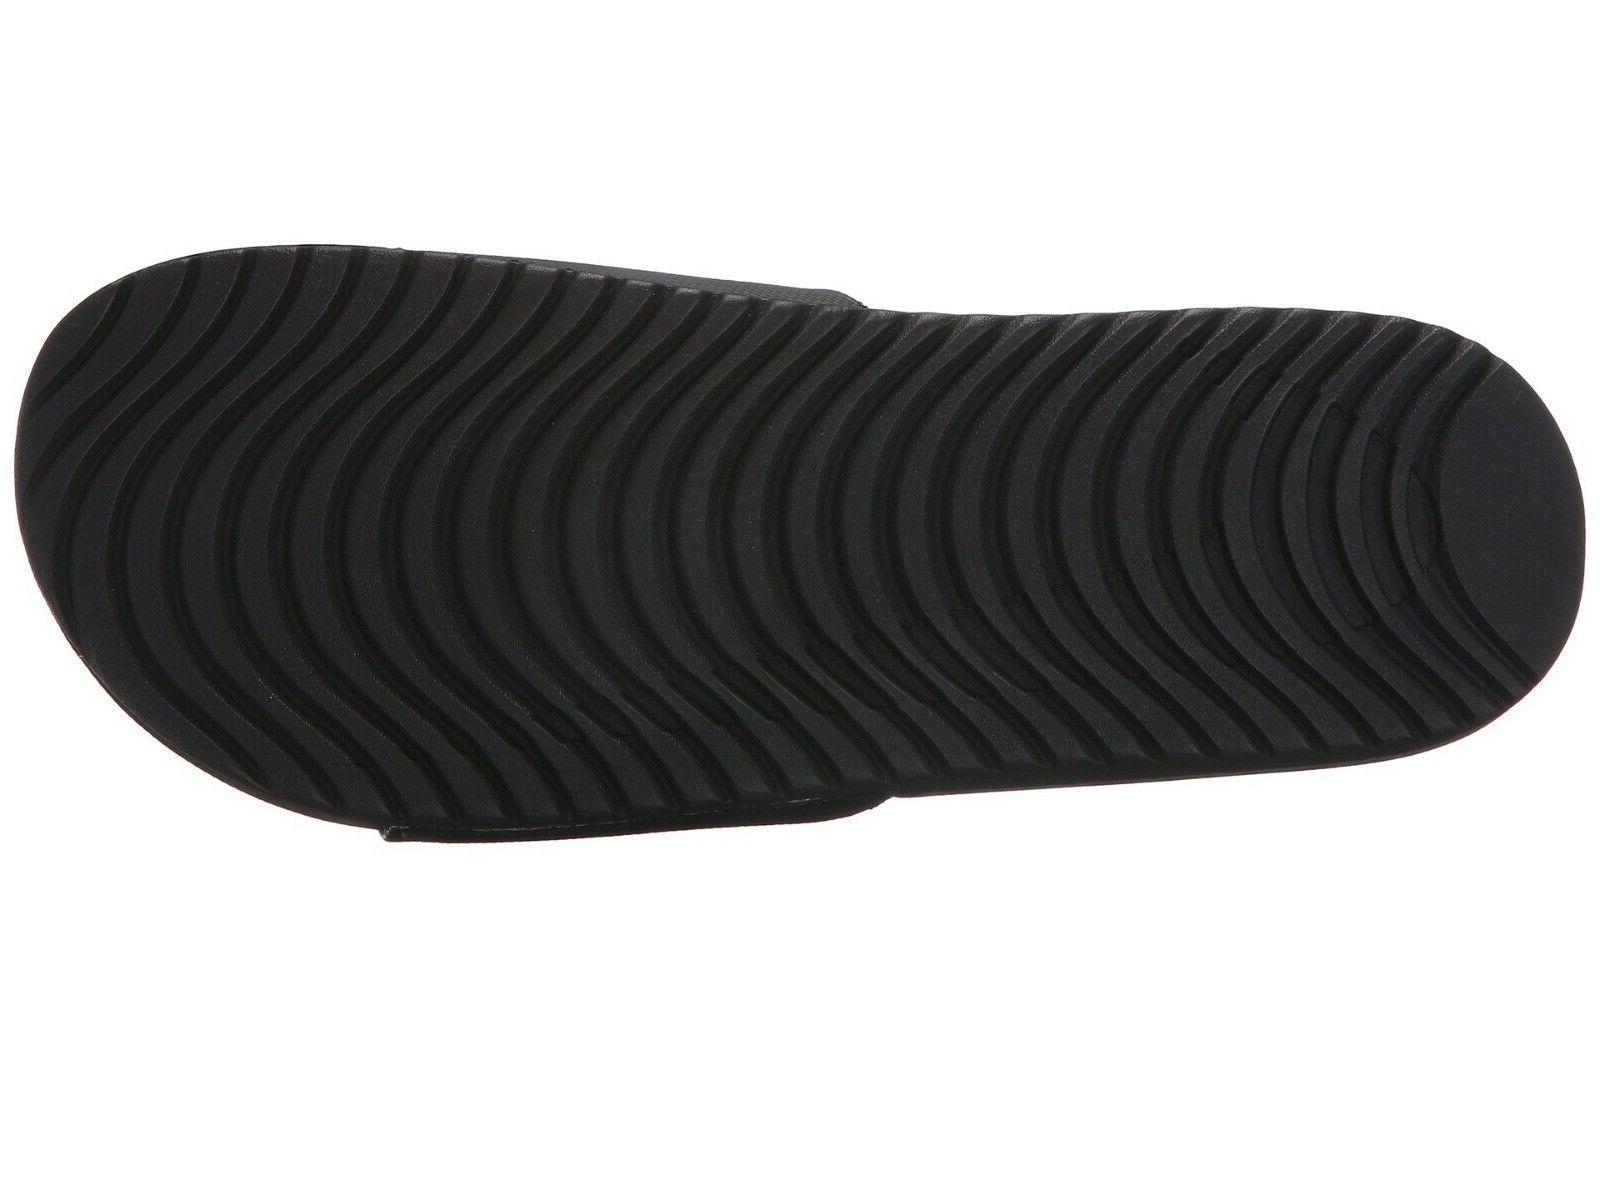 NIKE Kawa Sports Sandal Black/White 010